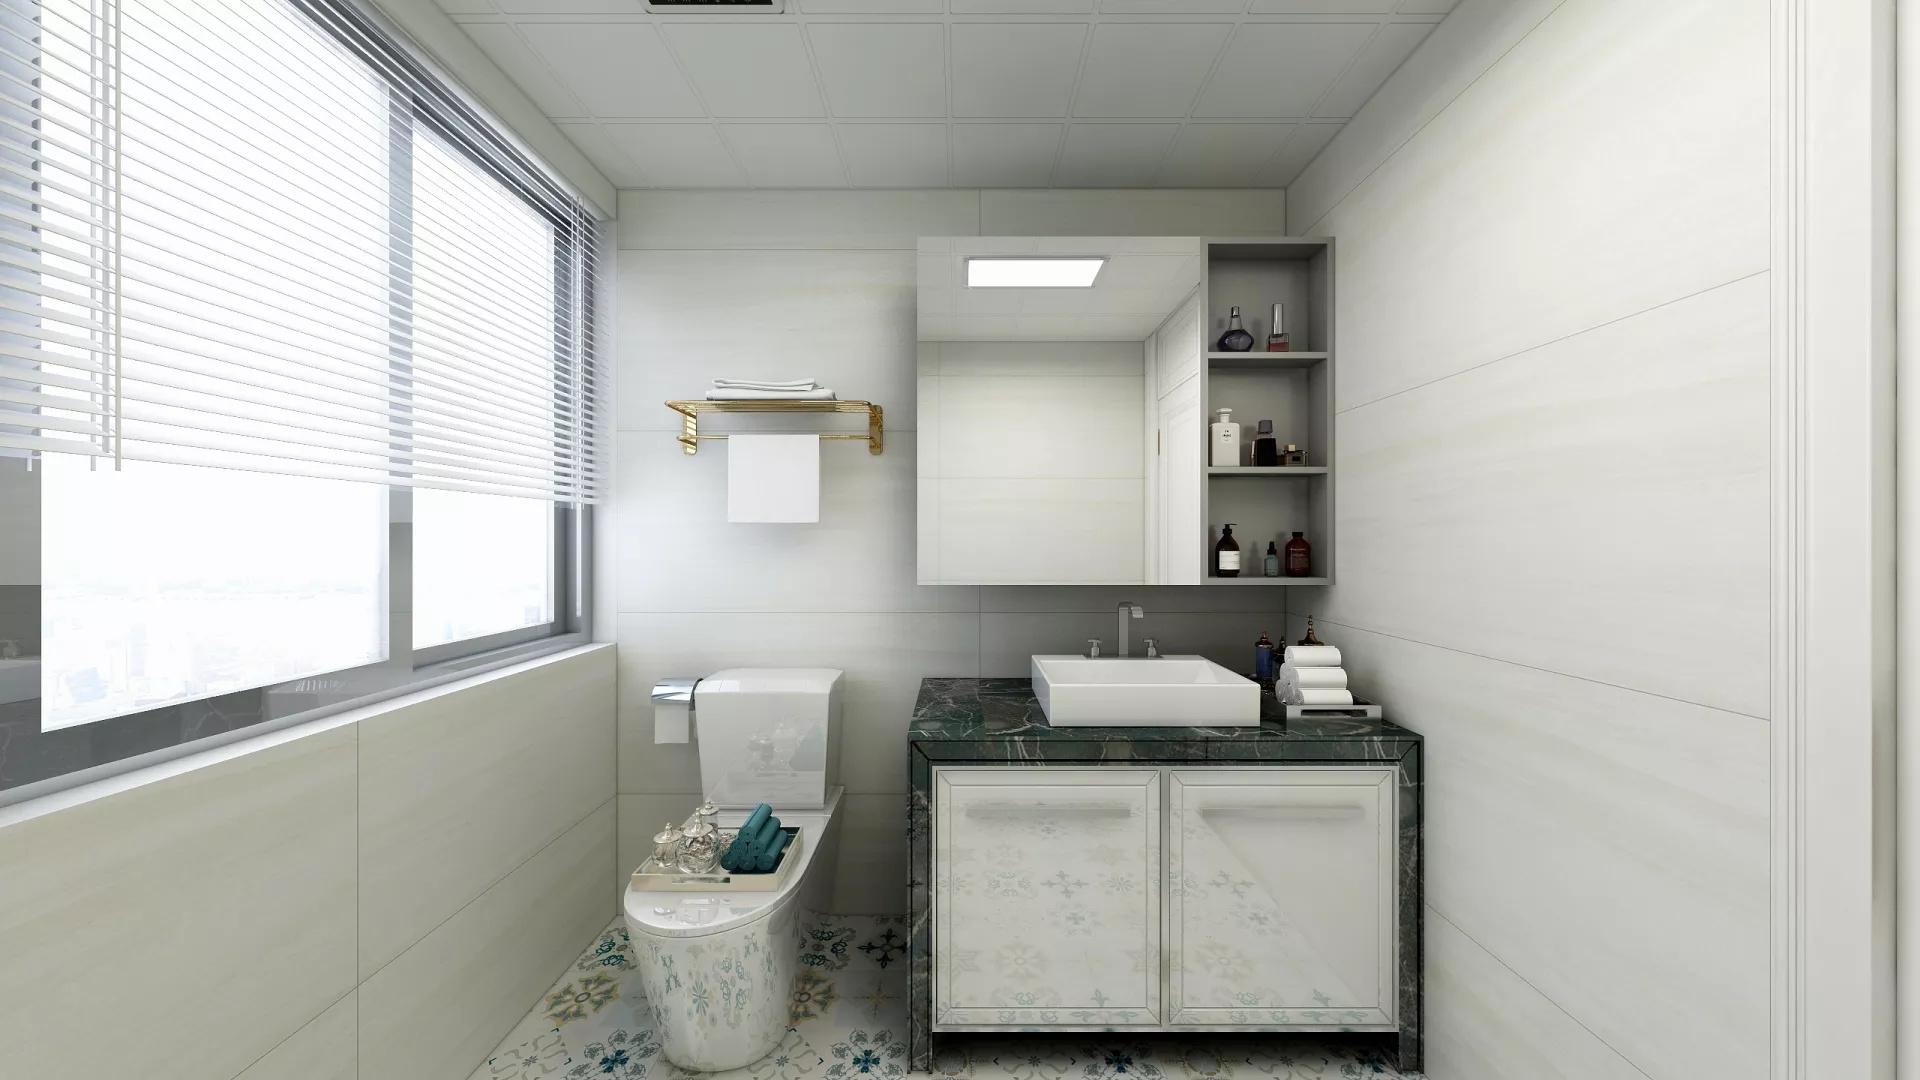 卫生间暗门是什么 卫生间暗门有什么用?